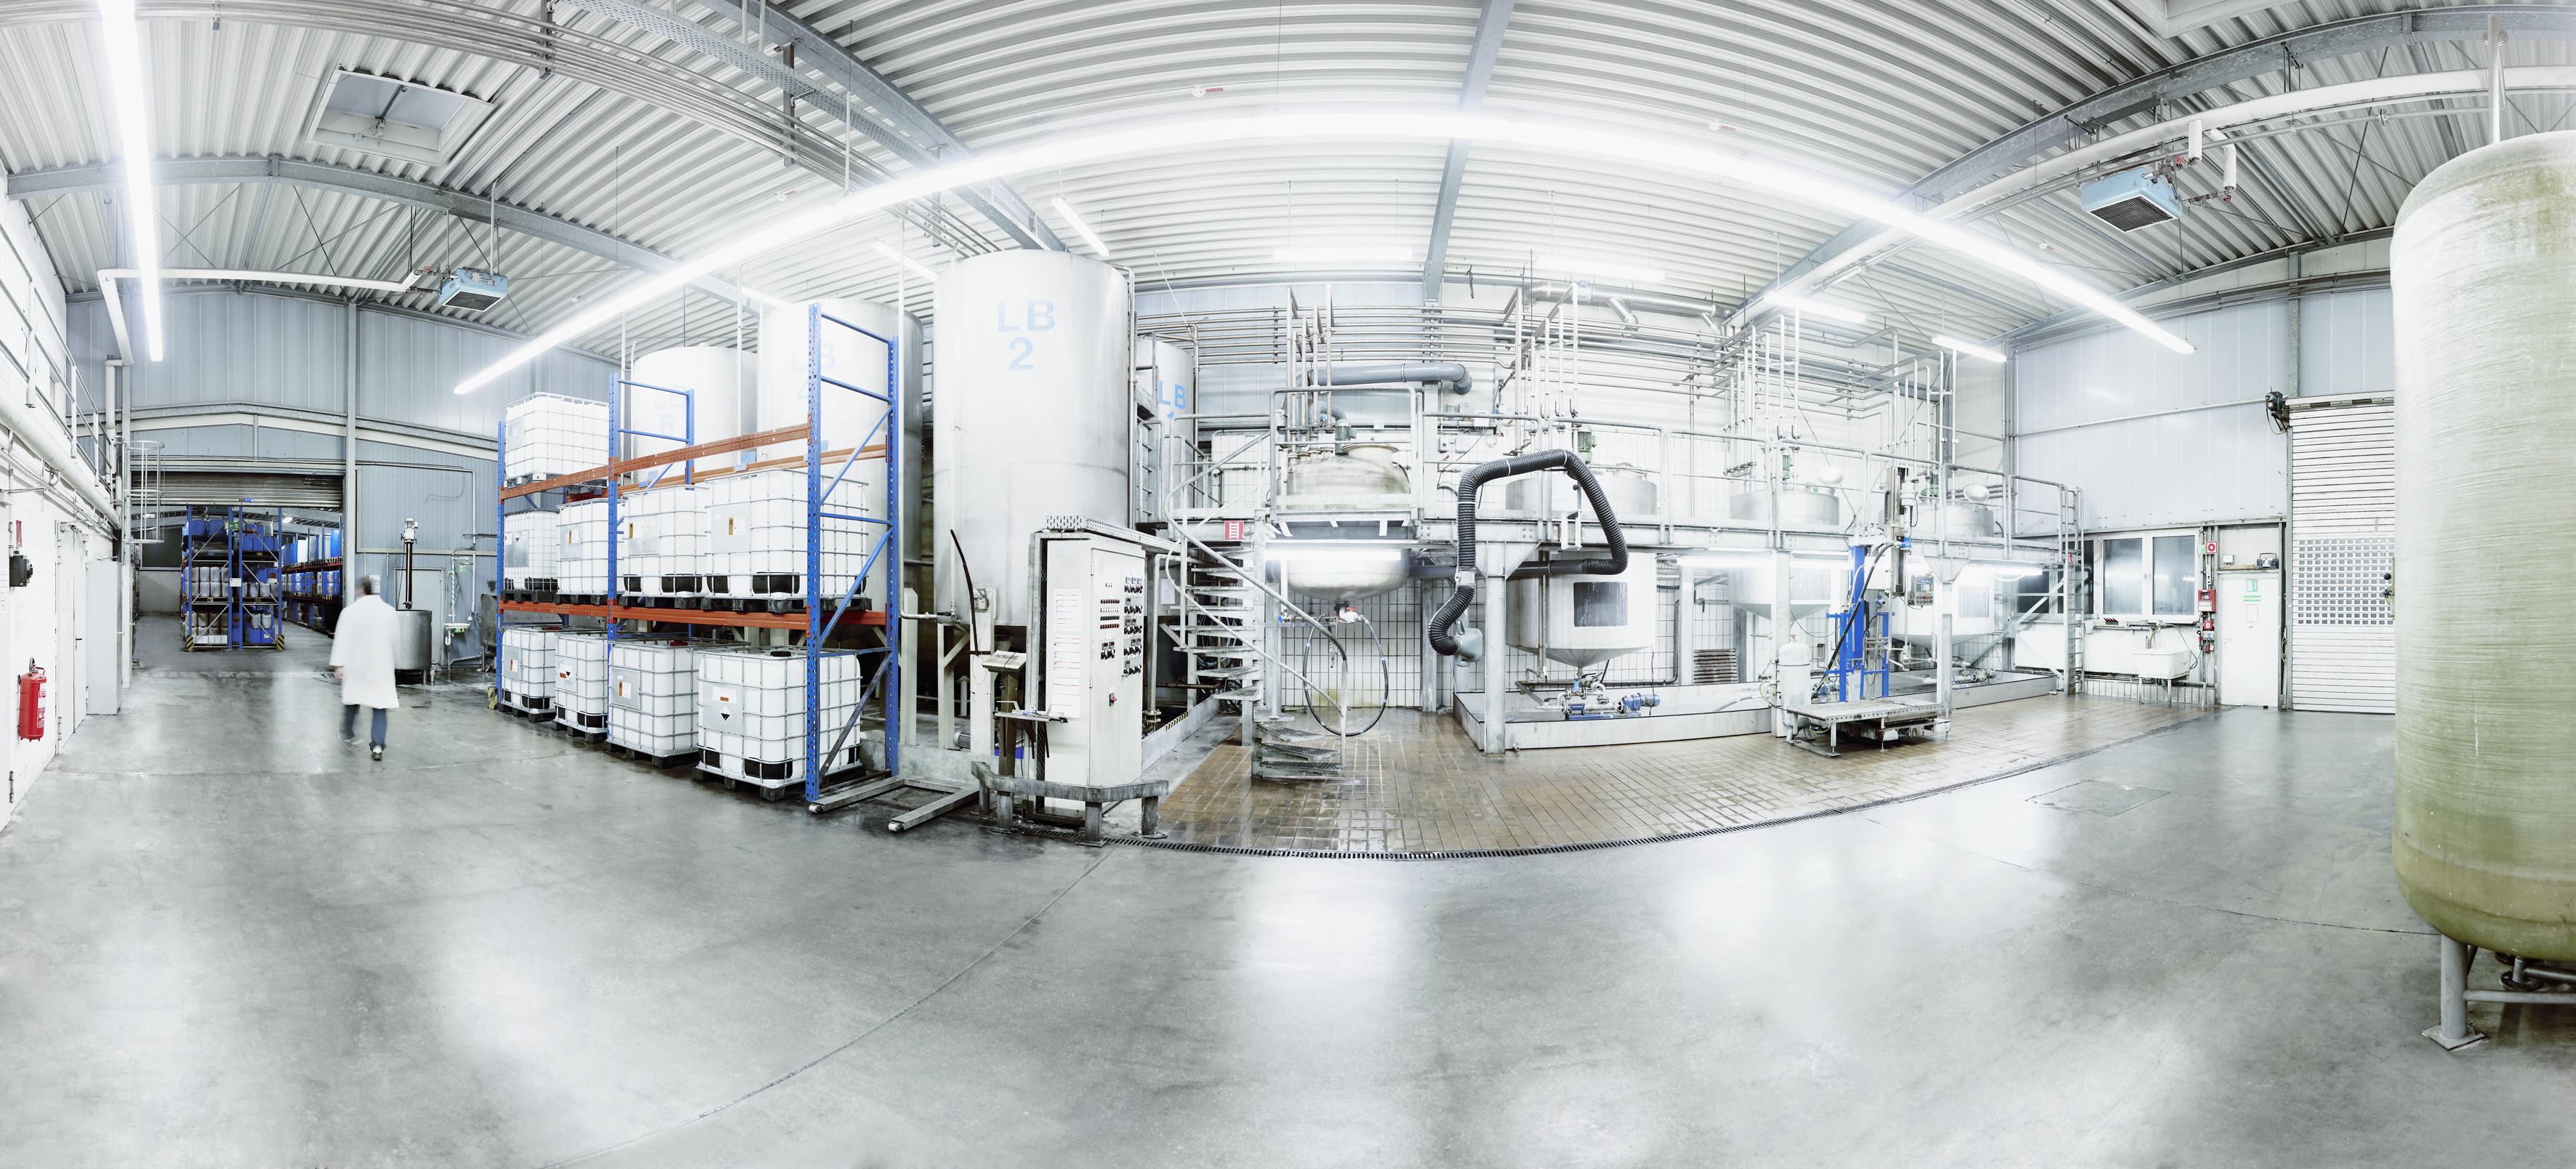 Производство чистящих и моющих средств как перспективная идея для бизнеса